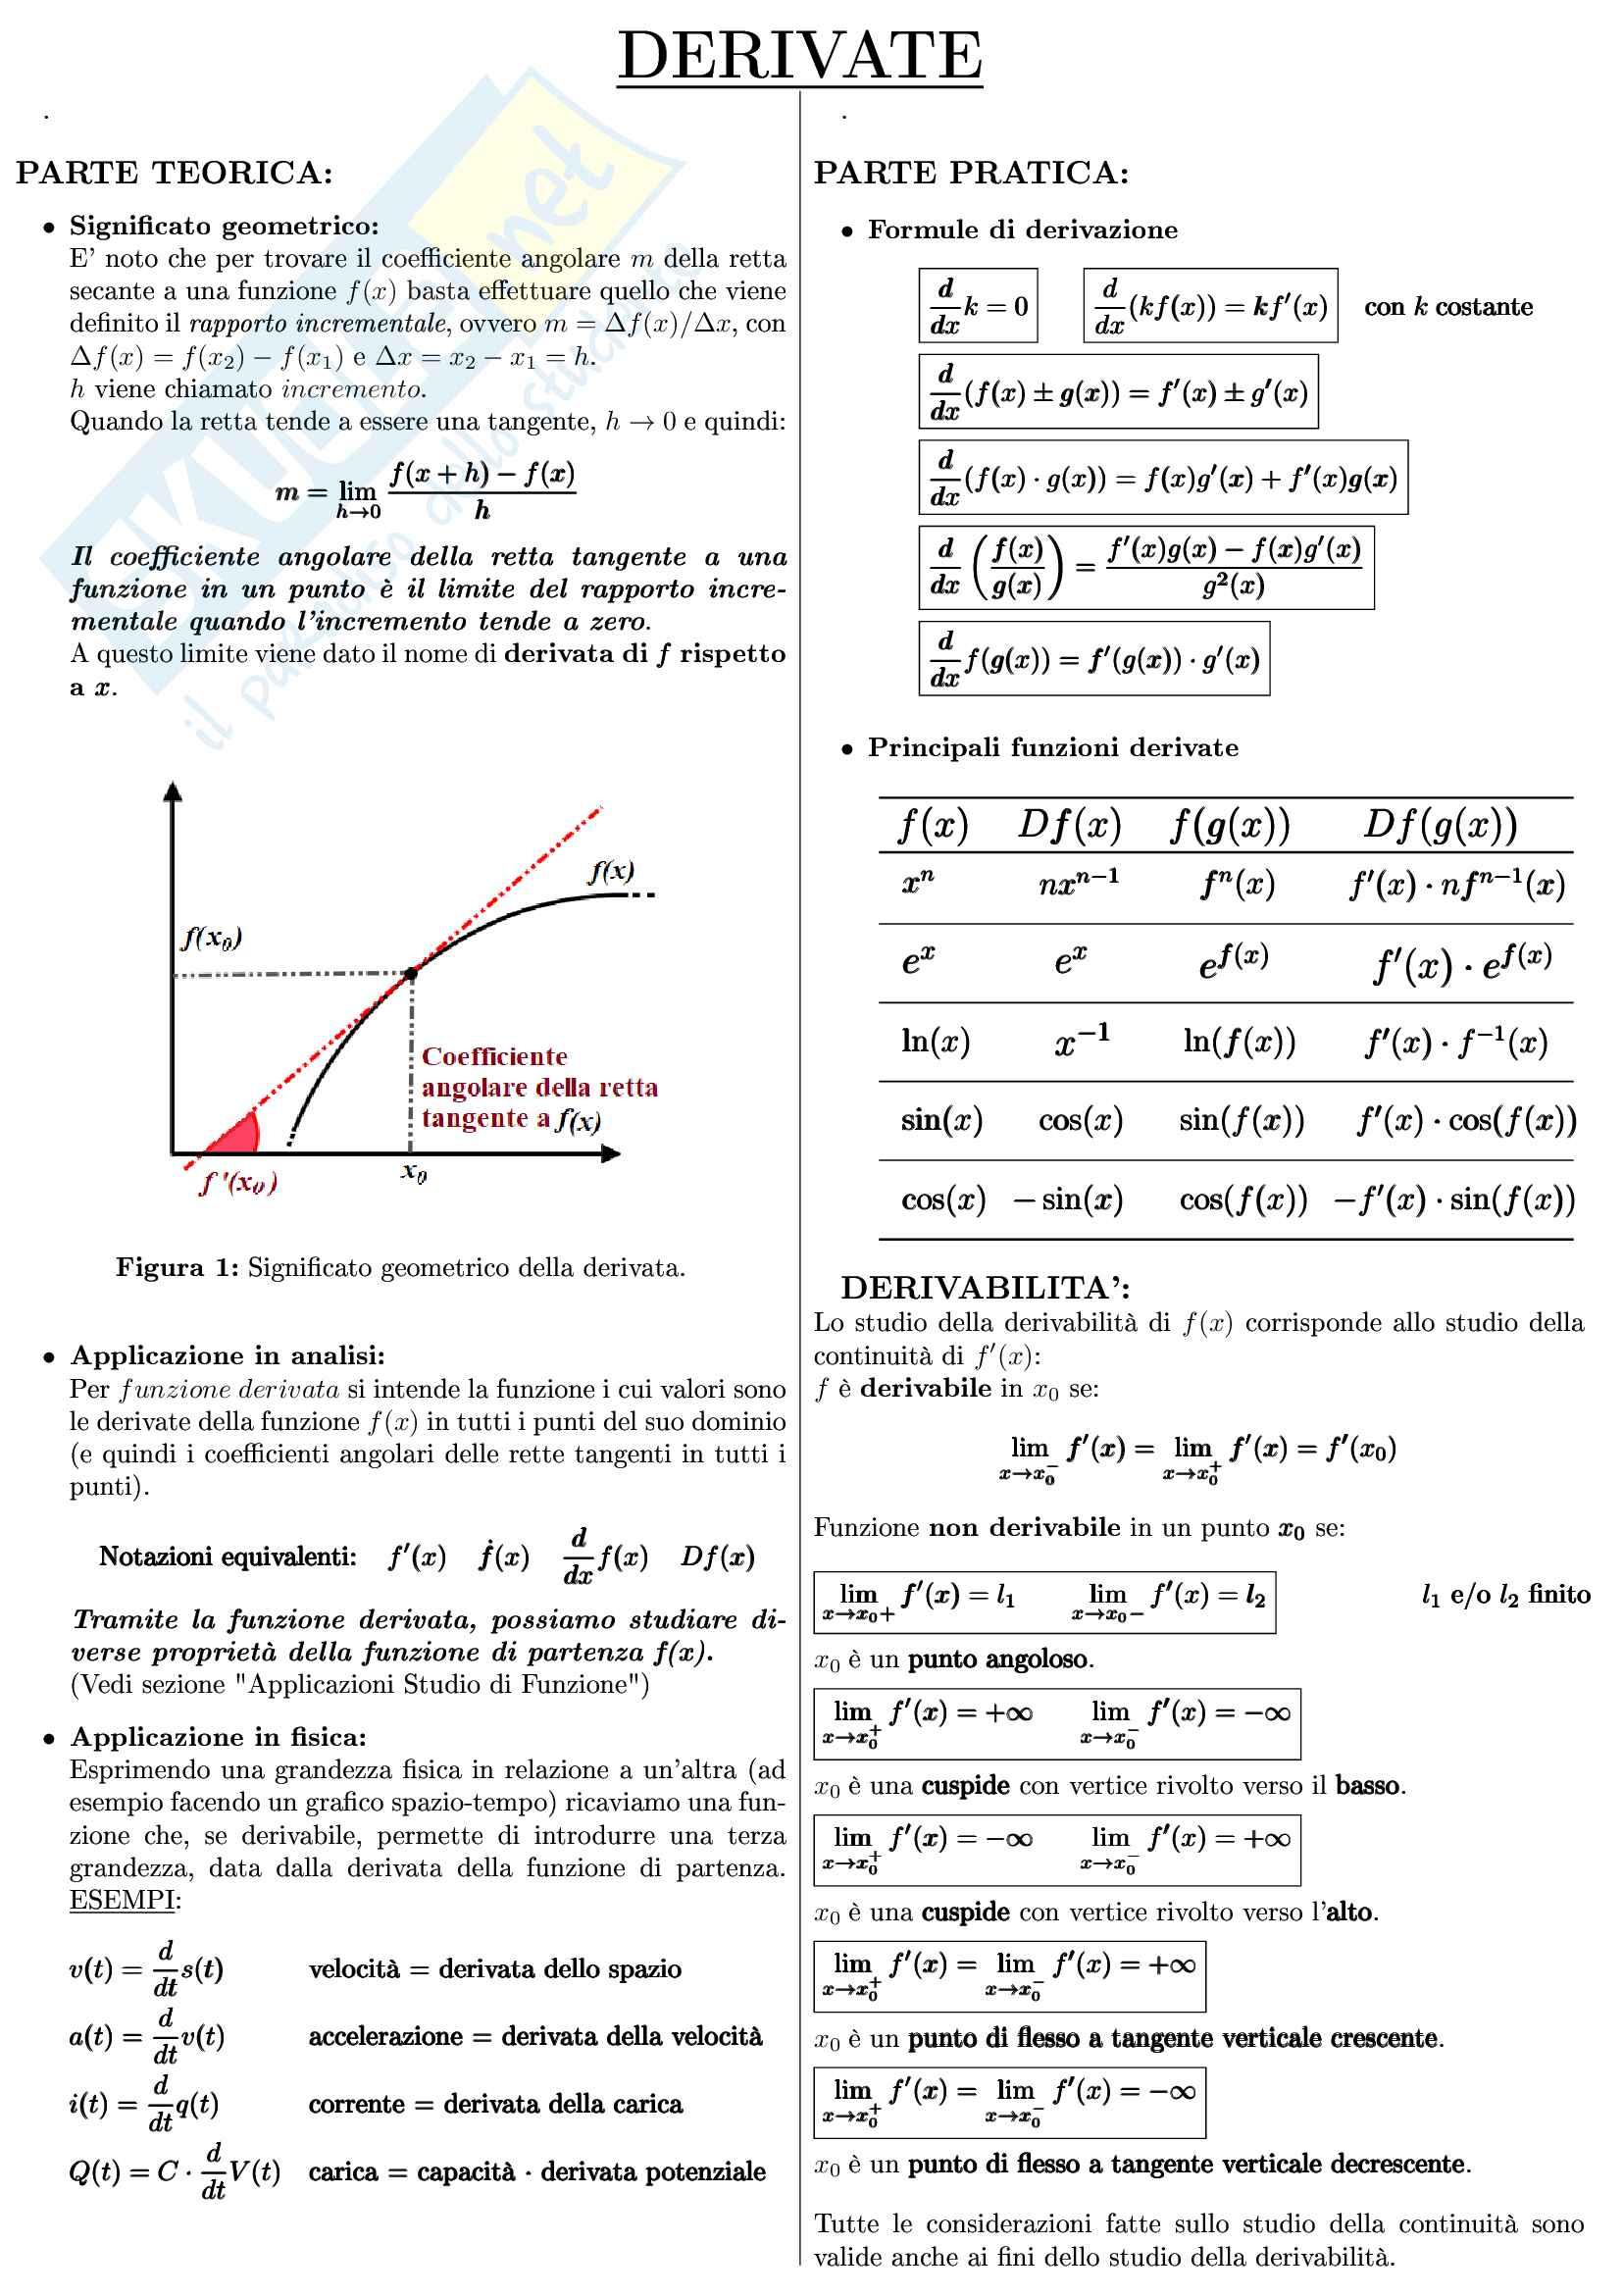 Appunti, Formulari e metodi di risoluzione sulle derivate e sulle loro applicazioni